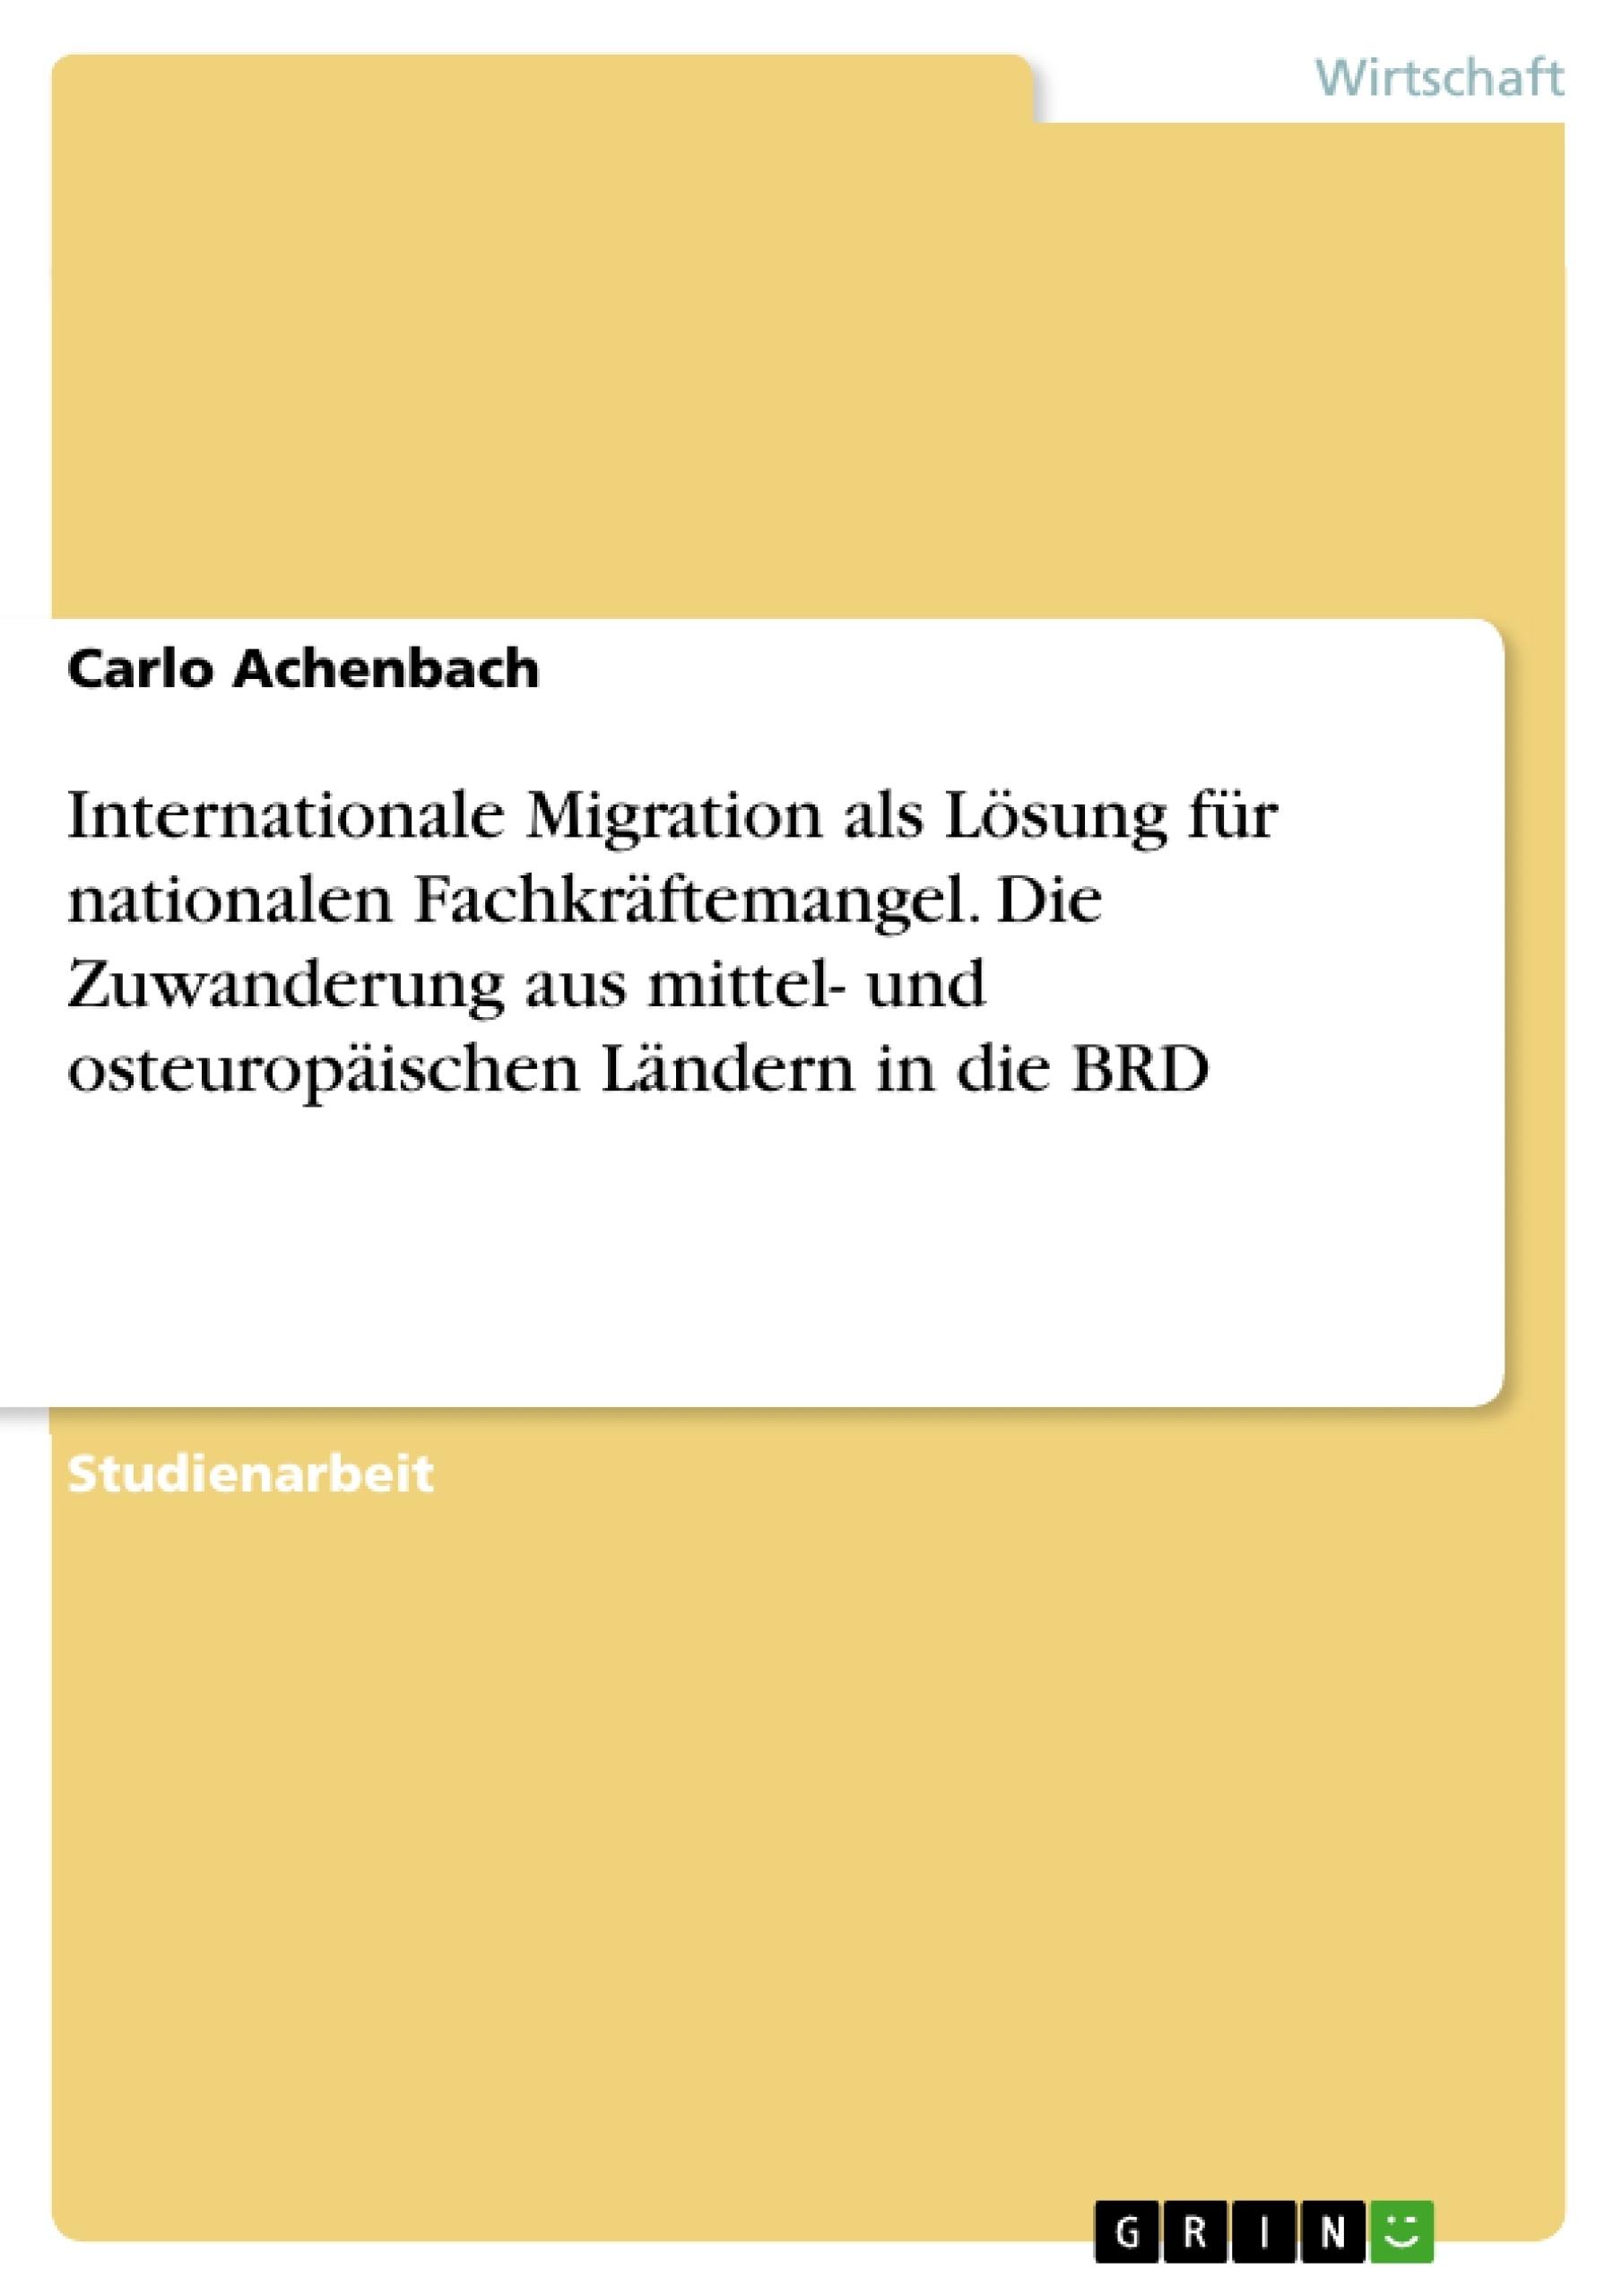 Titel: Internationale Migration als Lösung für nationalen Fachkräftemangel. Die Zuwanderung aus mittel- und osteuropäischen Ländern in die BRD